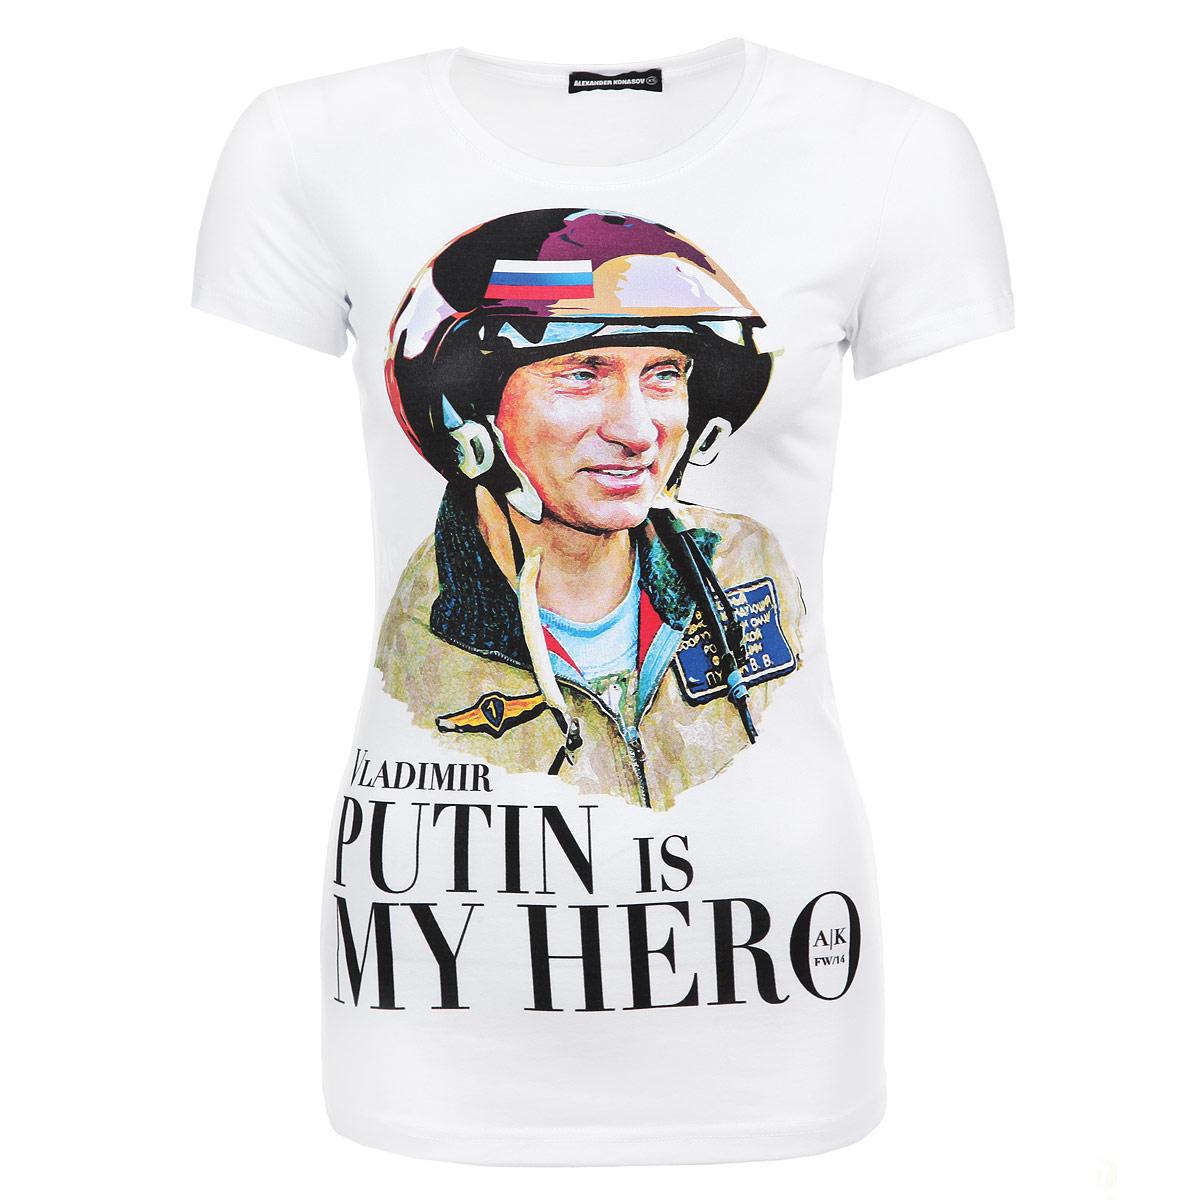 Футболка женская Vladimir Putin Is My HeroVladimir Putin Is My HeroСтильная женская футболка Alexander Konasov, выполненная из высококачественного мягкого хлопка с небольшим добавлением лайкры, обладает высокой теплопроводностью, воздухопроницаемостью и гигроскопичностью, позволяет коже дышать. Модель с короткими рукавами и круглым вырезом горловины спереди оформлена принтом с изображением президента Путина в костюме пилота и надписью Vladimir Putin is my hero. Эта футболка - идеальный вариант для создания эффектного образа. Все изделия бренда Alexander Konasov кроятся только по лекалам из высококачественной ткани, идеально сидят на фигуре, после стирки не деформируются.